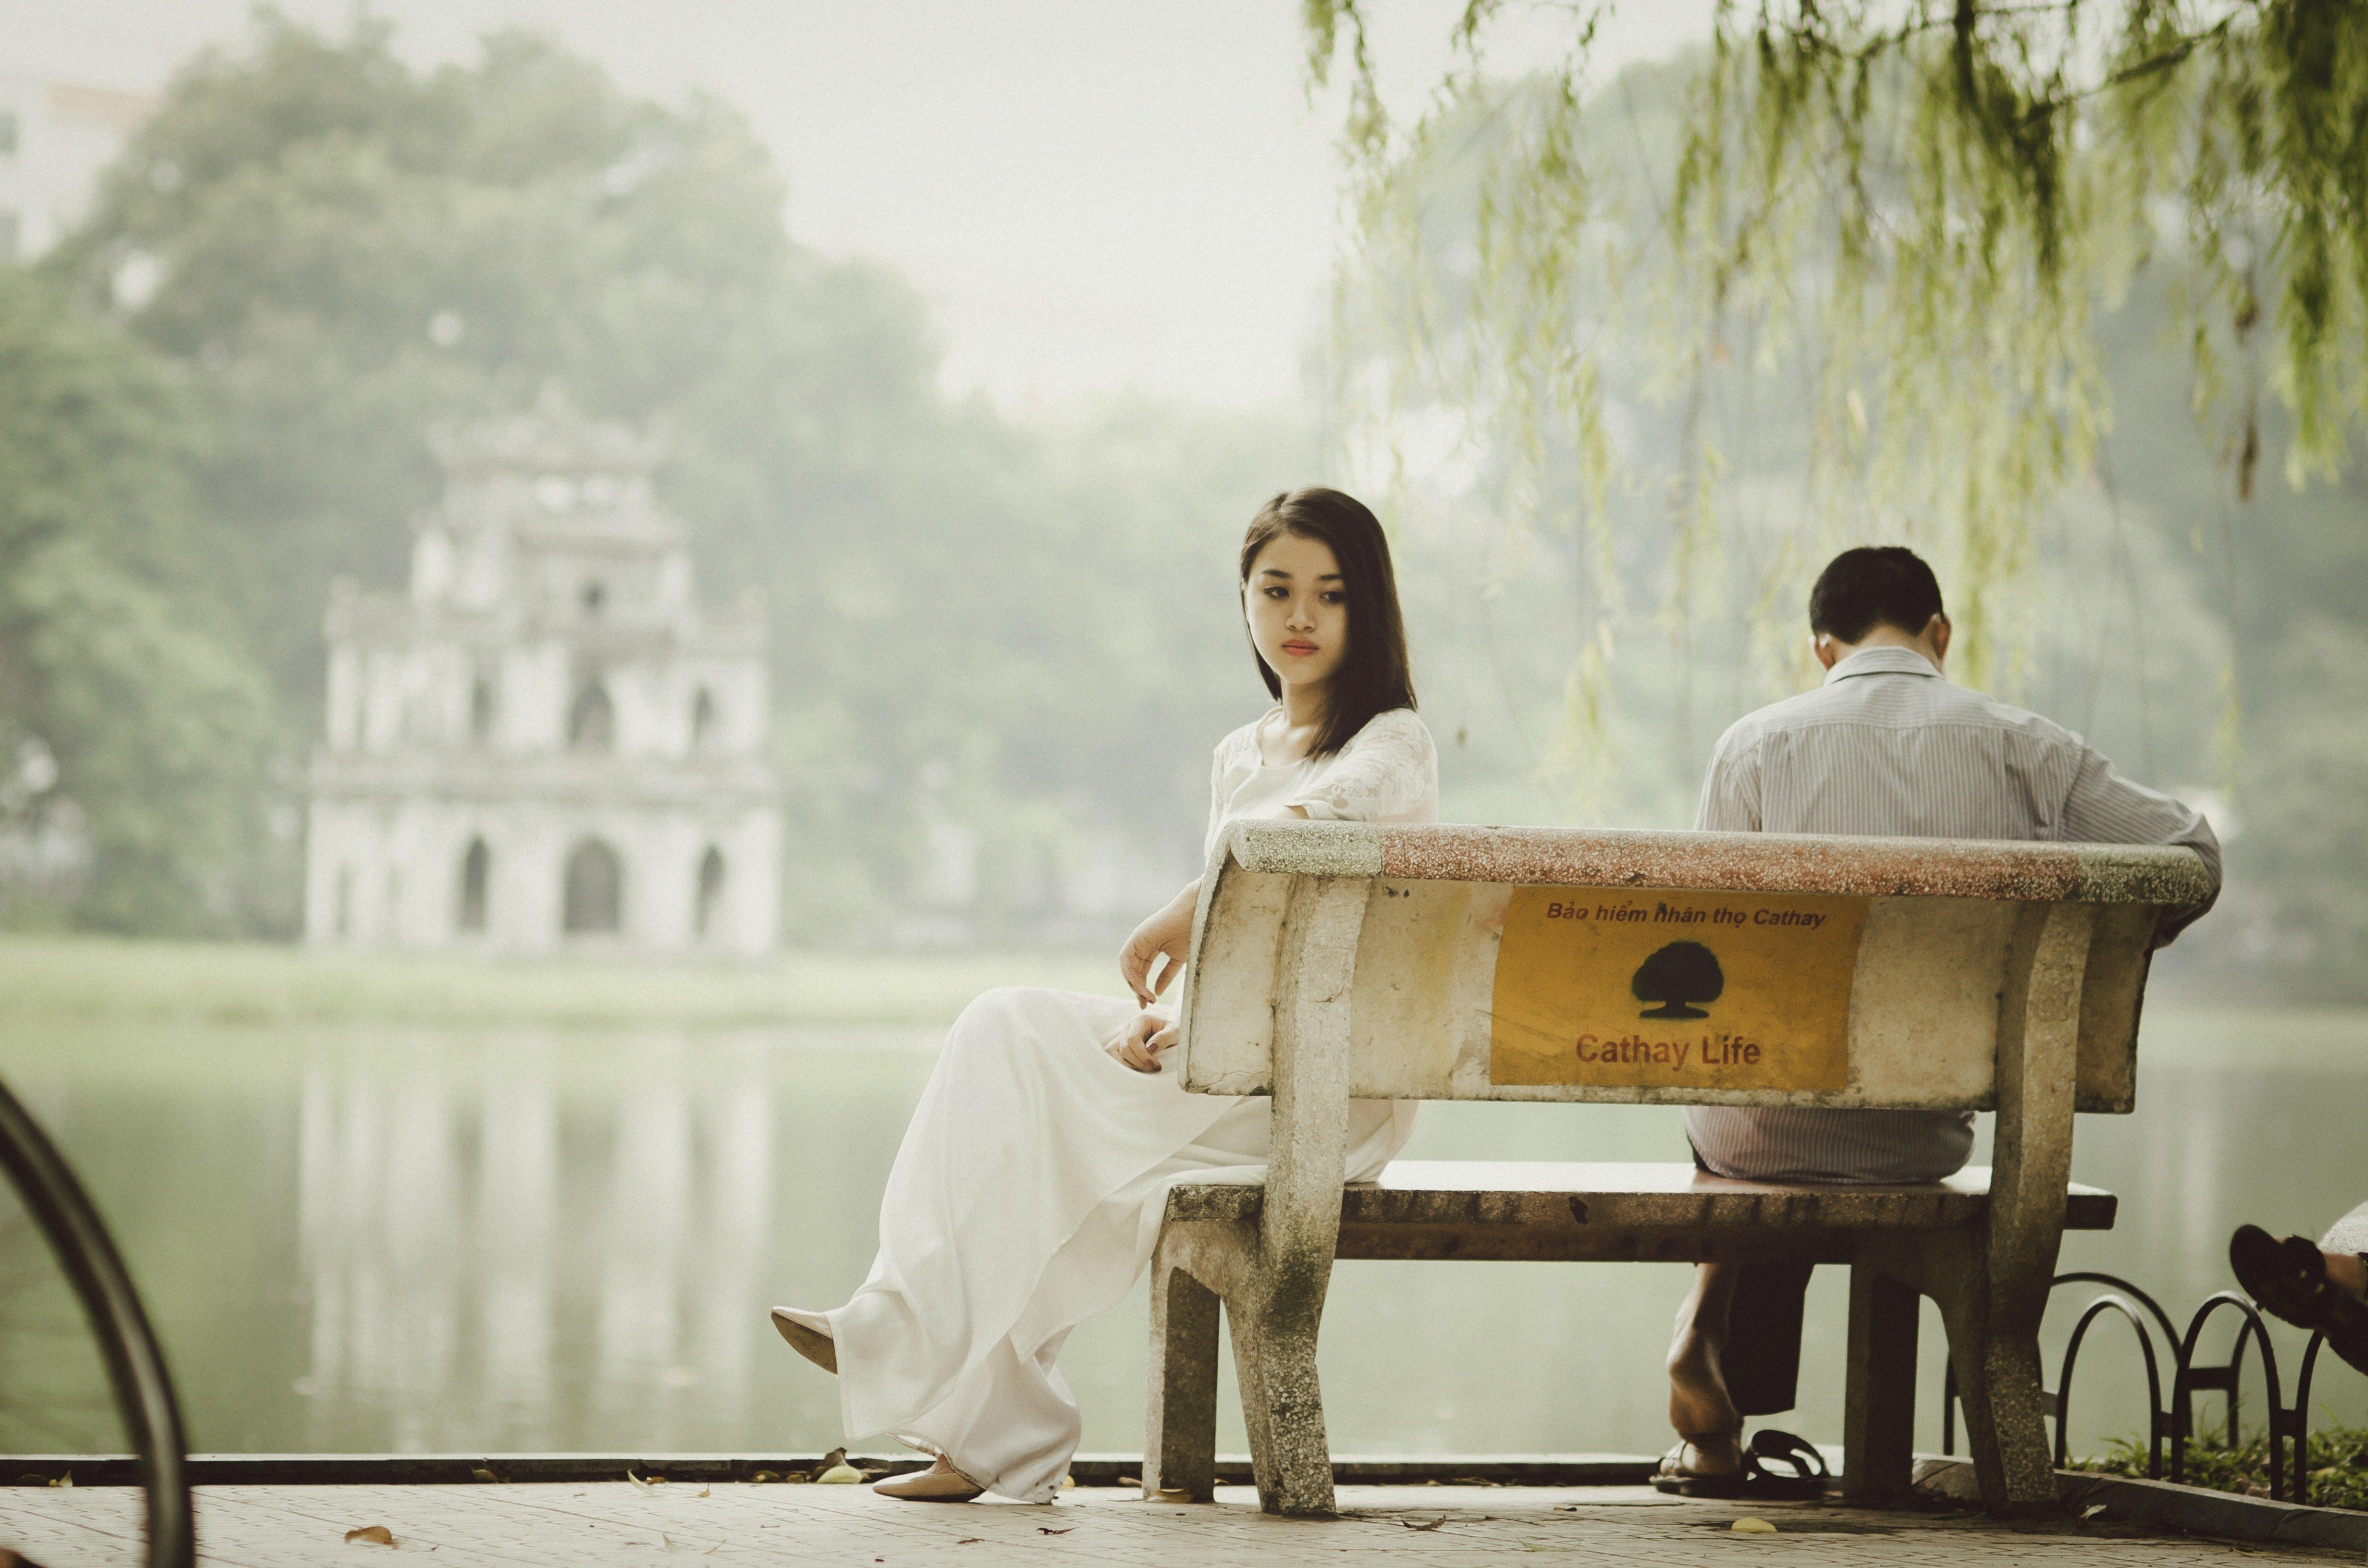 Unglückliches Paar auf Bank | Quelle: Pexels